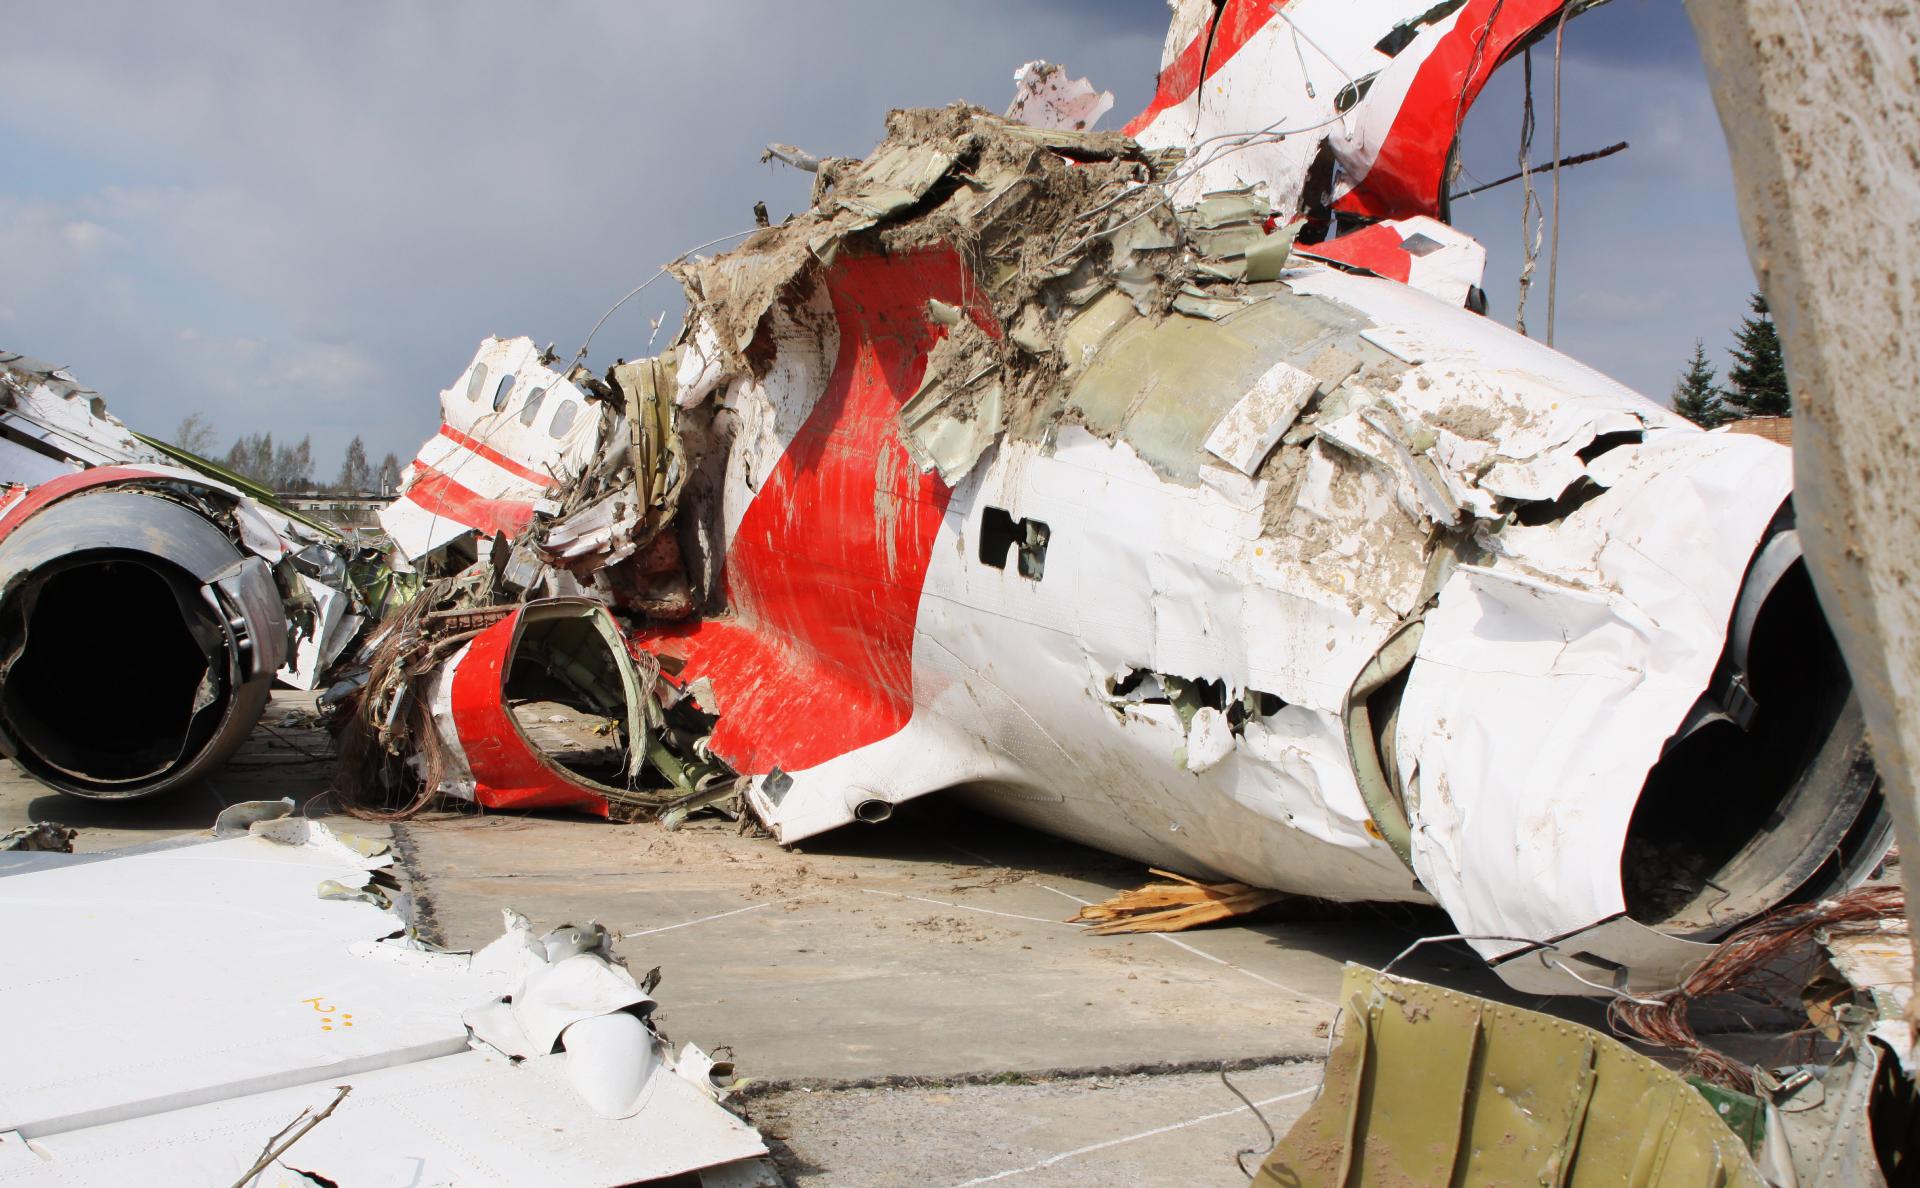 Польша решила арестовать работавших при крушении Ту-154 диспетчеров